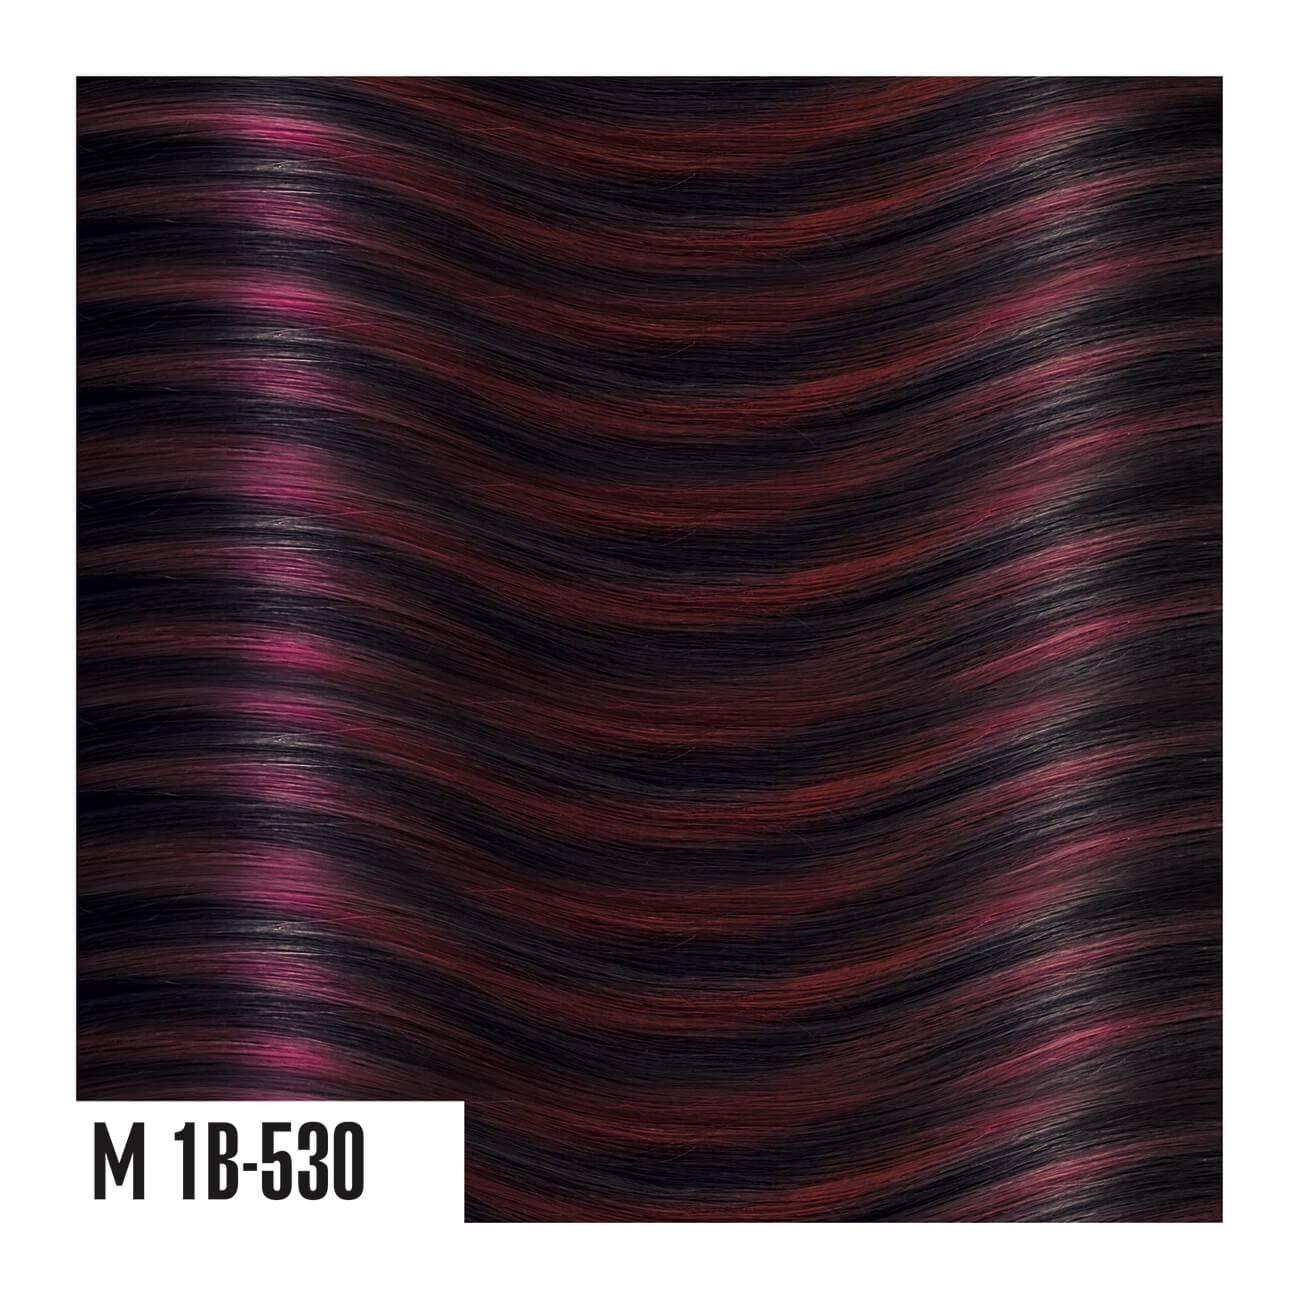 M1B-530